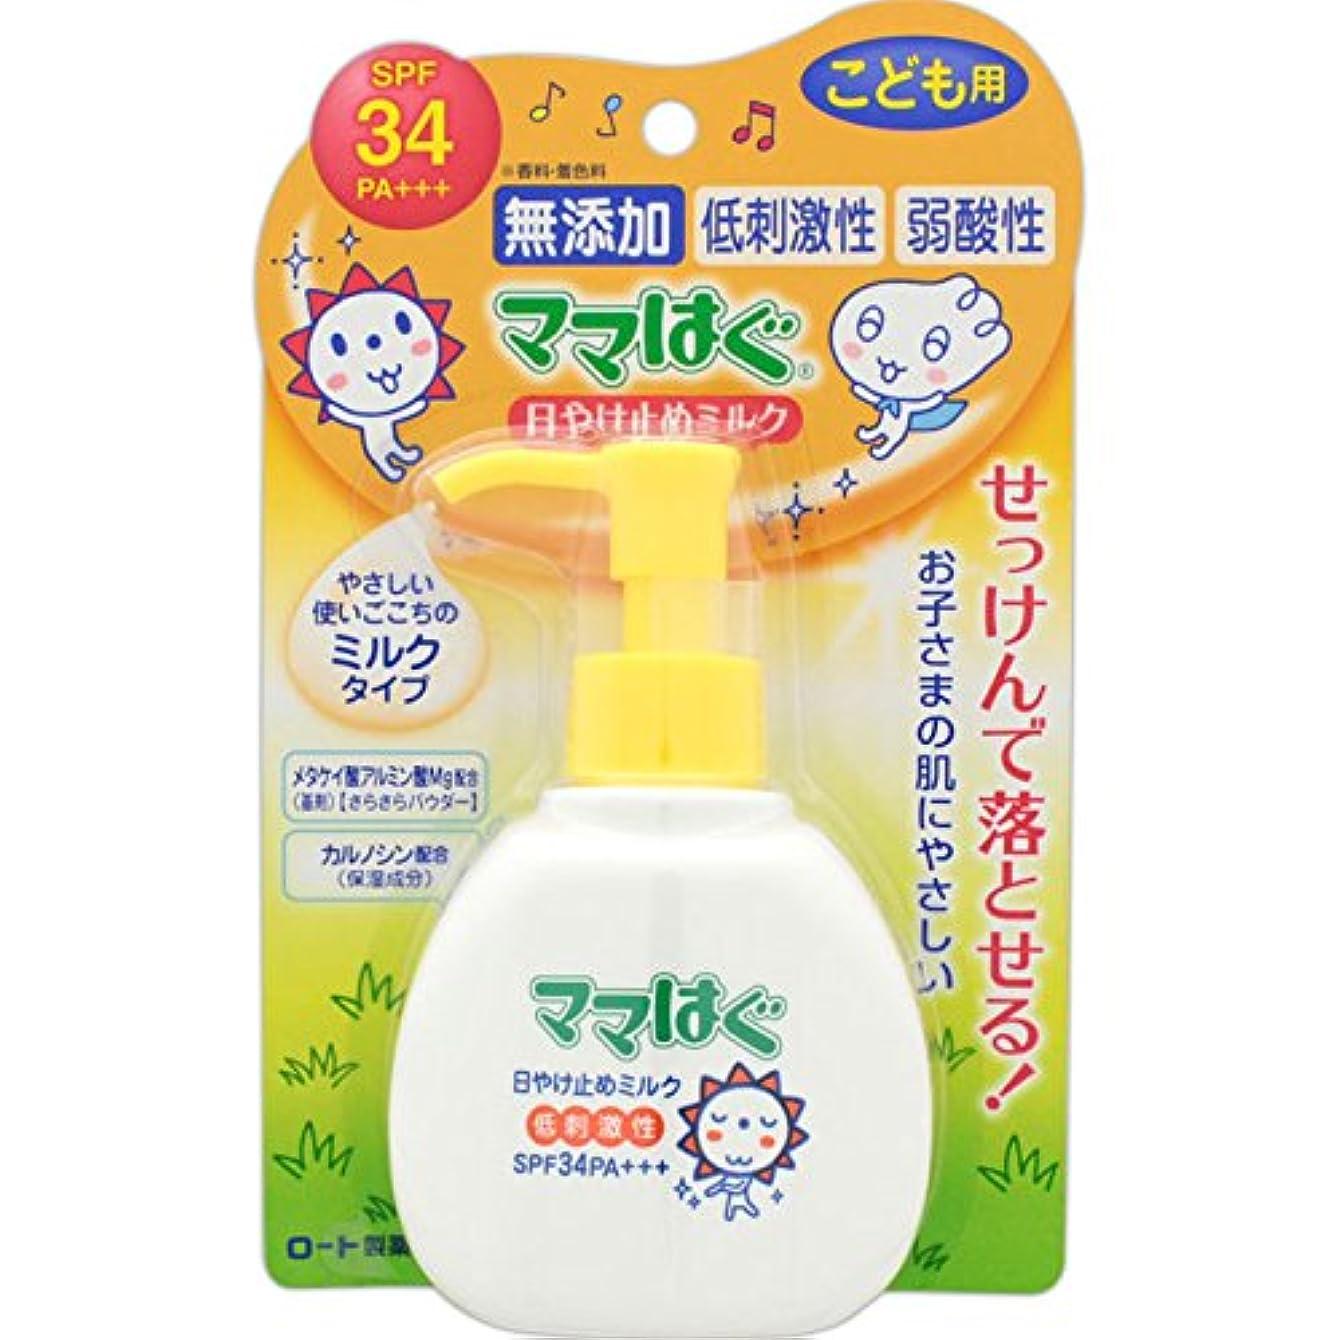 電気陽性メドレー軽減するロート製薬 ママはぐ 無添加 低刺激性日やけ止めミルク SPF34 PA+++ 100g